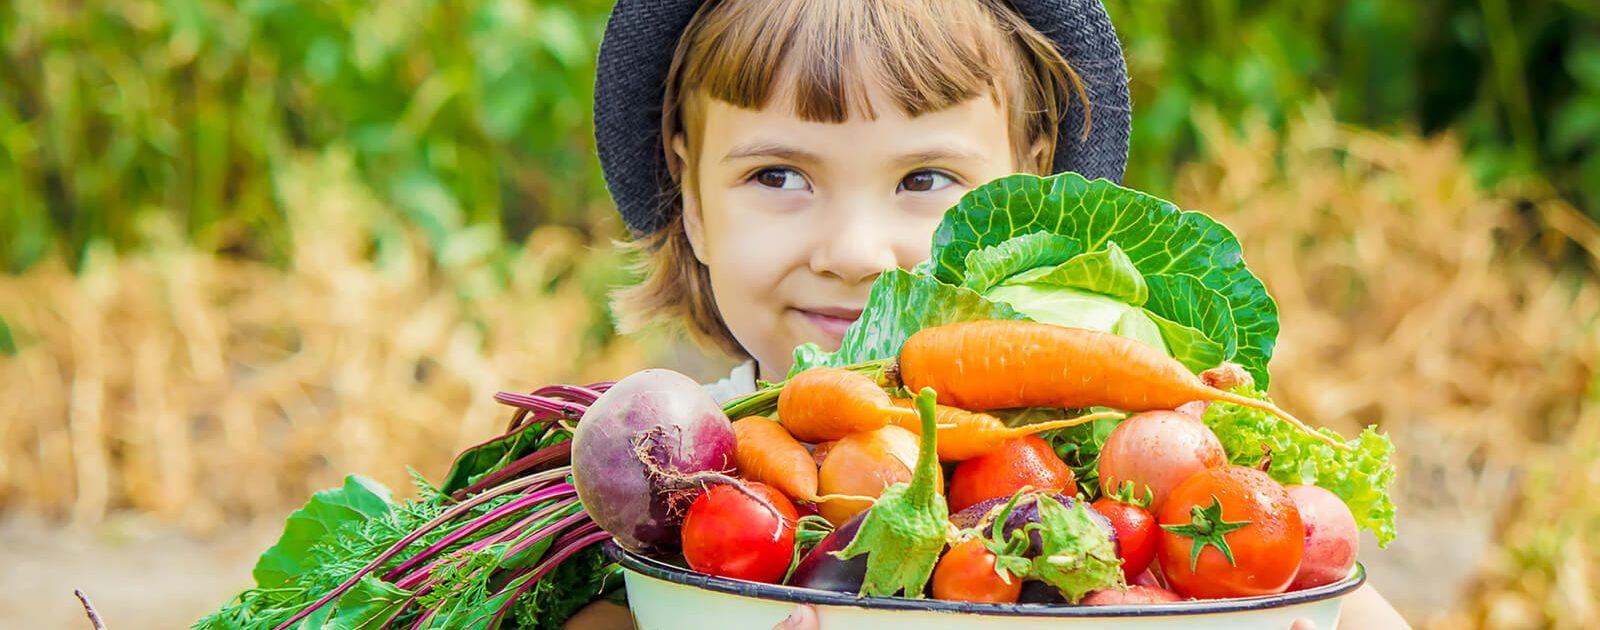 Ein Mädchen mit einer Schüssel voll Gemüse, das über wenig Vitamin B12 verfügt.